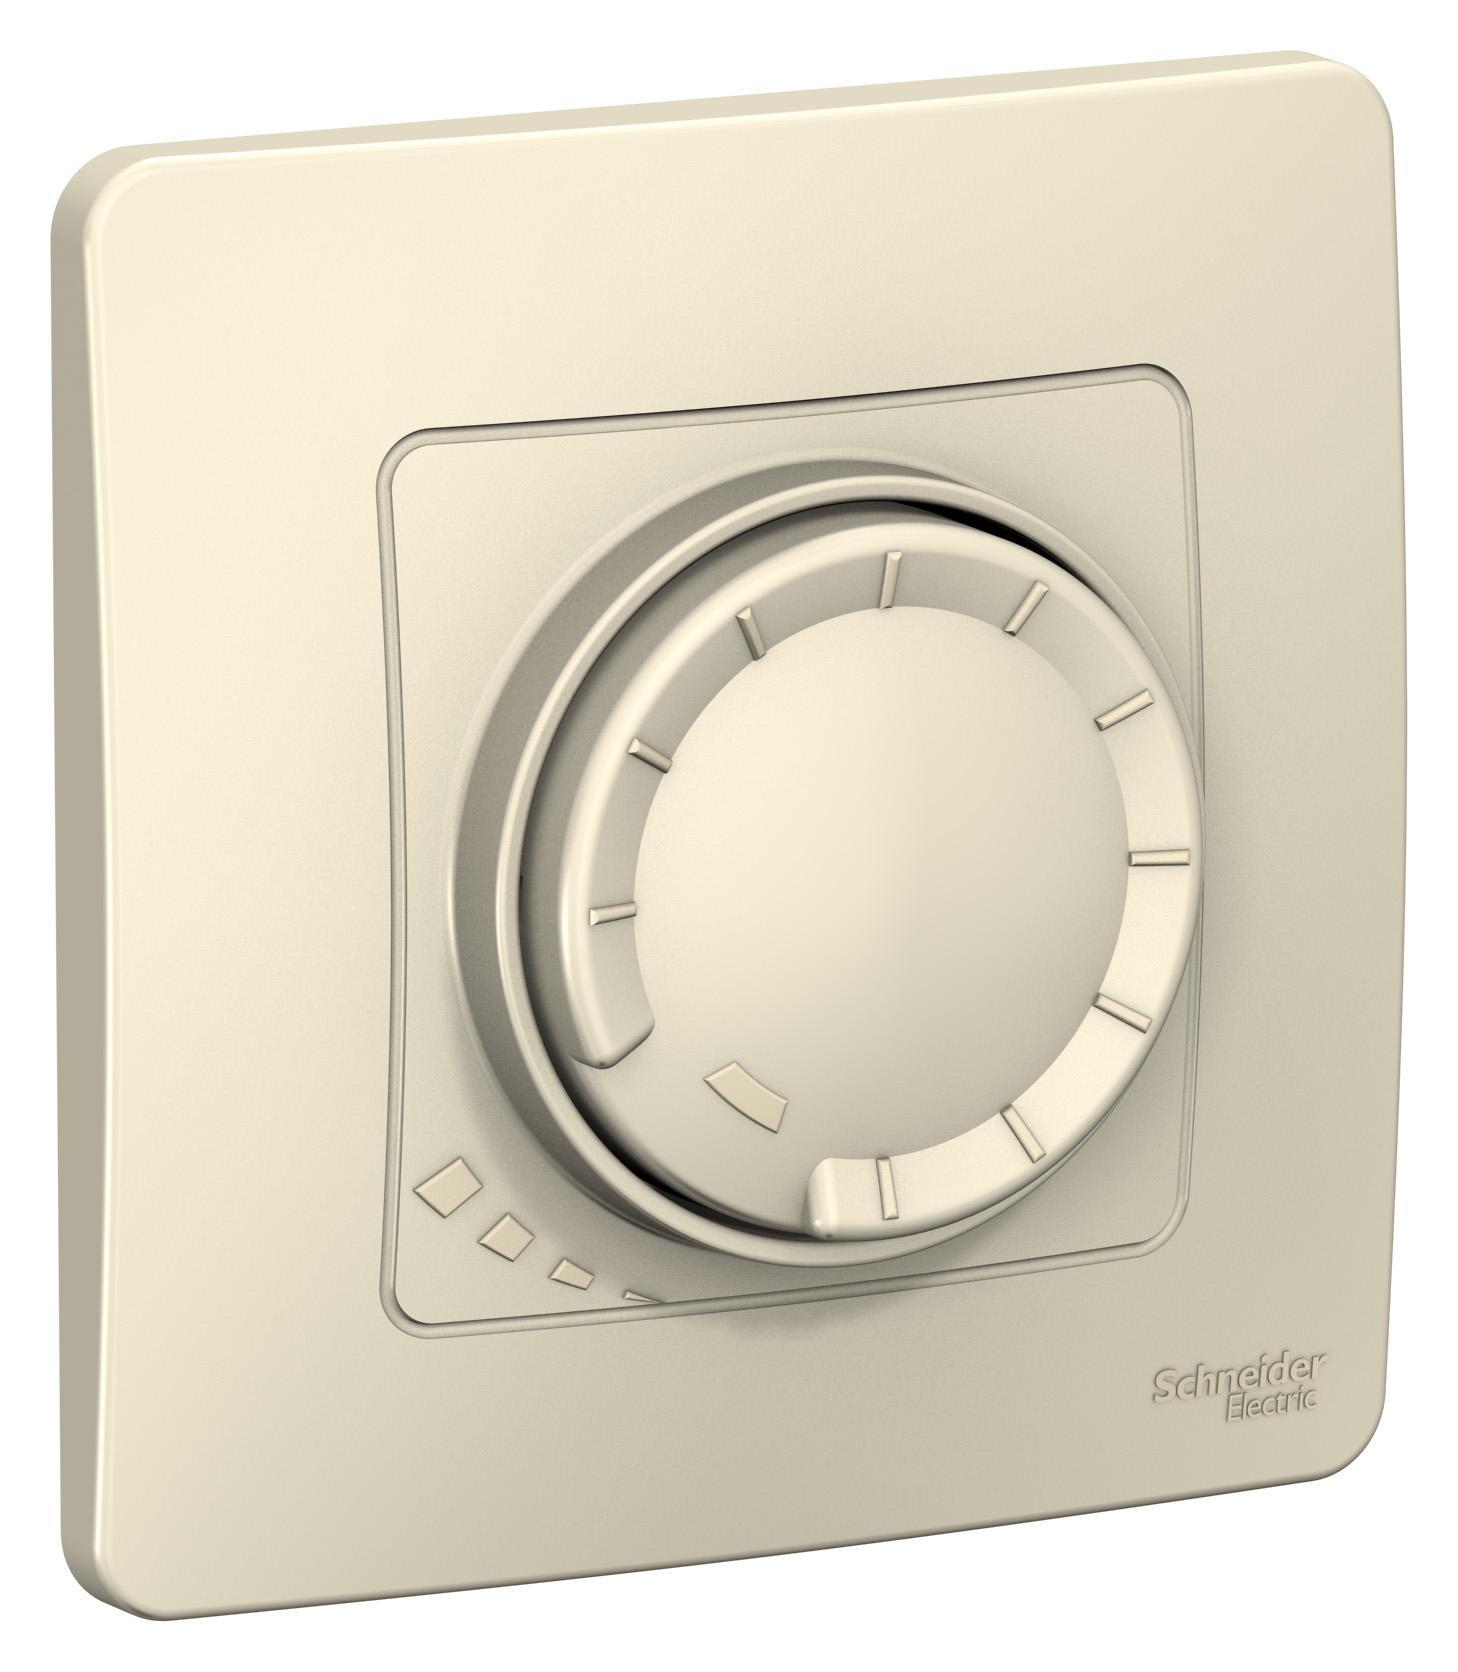 Диммер Schneider electric Blnss040012 blanca ловушка для насекомых mr mouse сз 040012